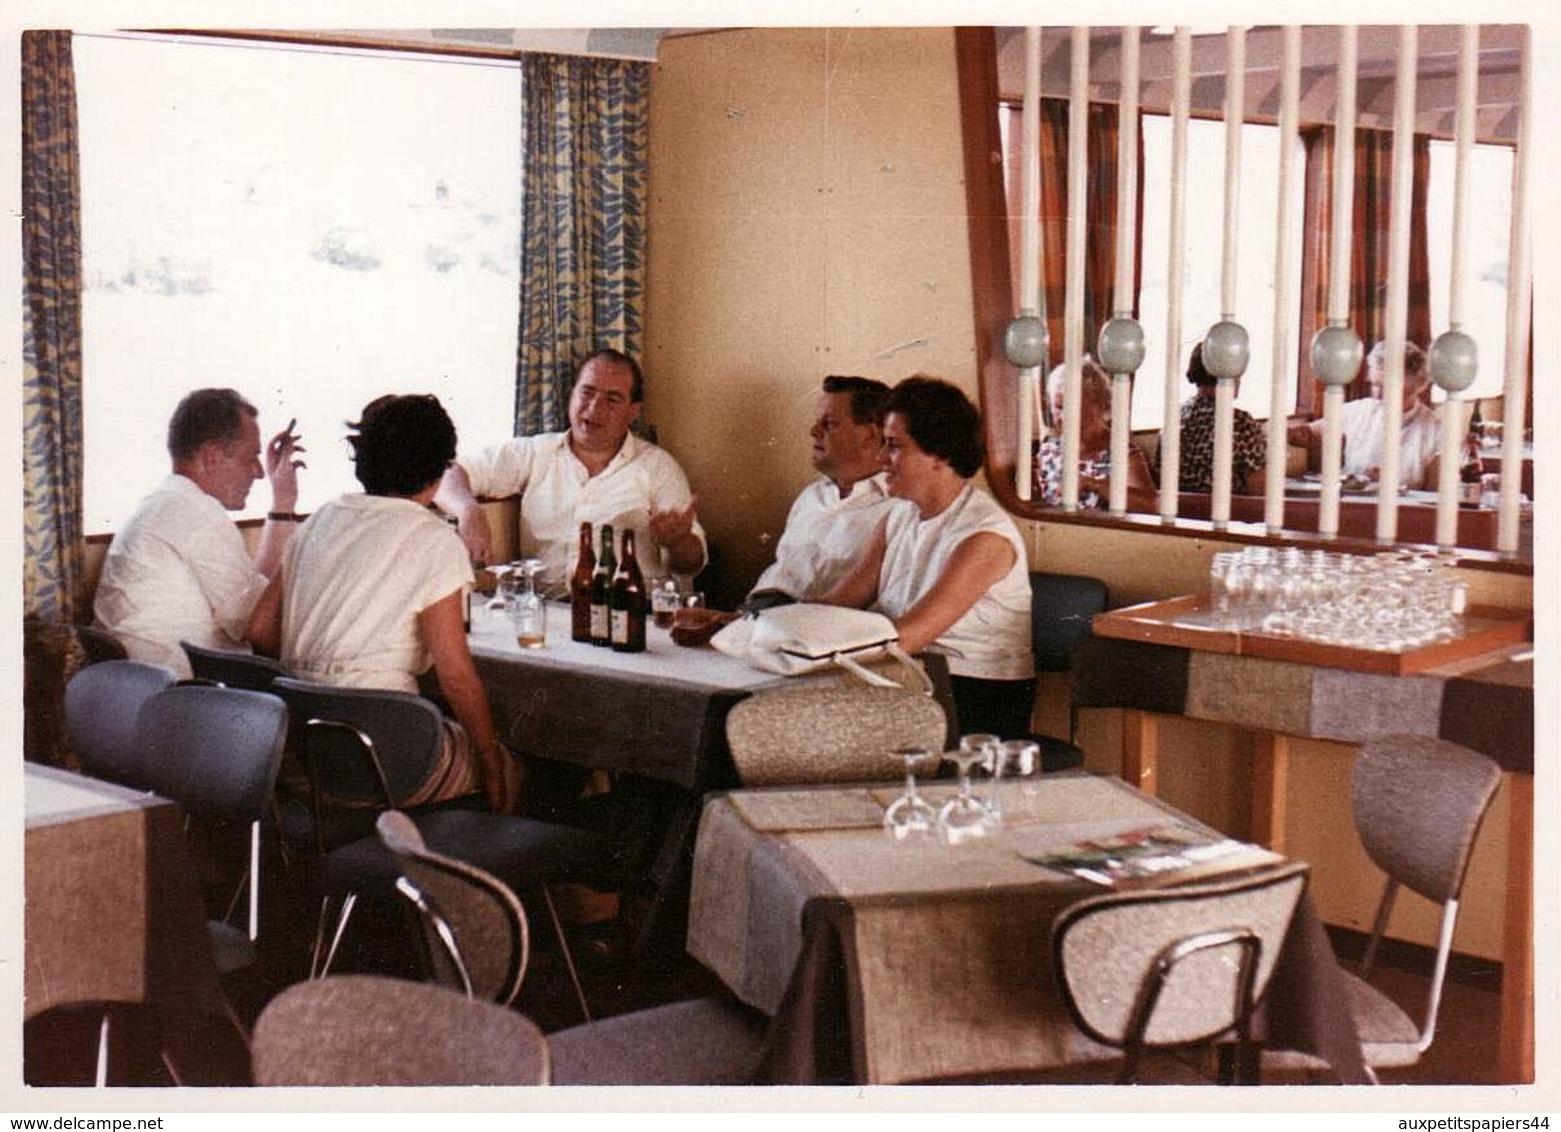 Photo Couleur Originale B.B, Apéritif Entre Amis Dans Une Ambiance Déco Bar-Restaurant En 1961 - Skaï & Chrome - Lieux